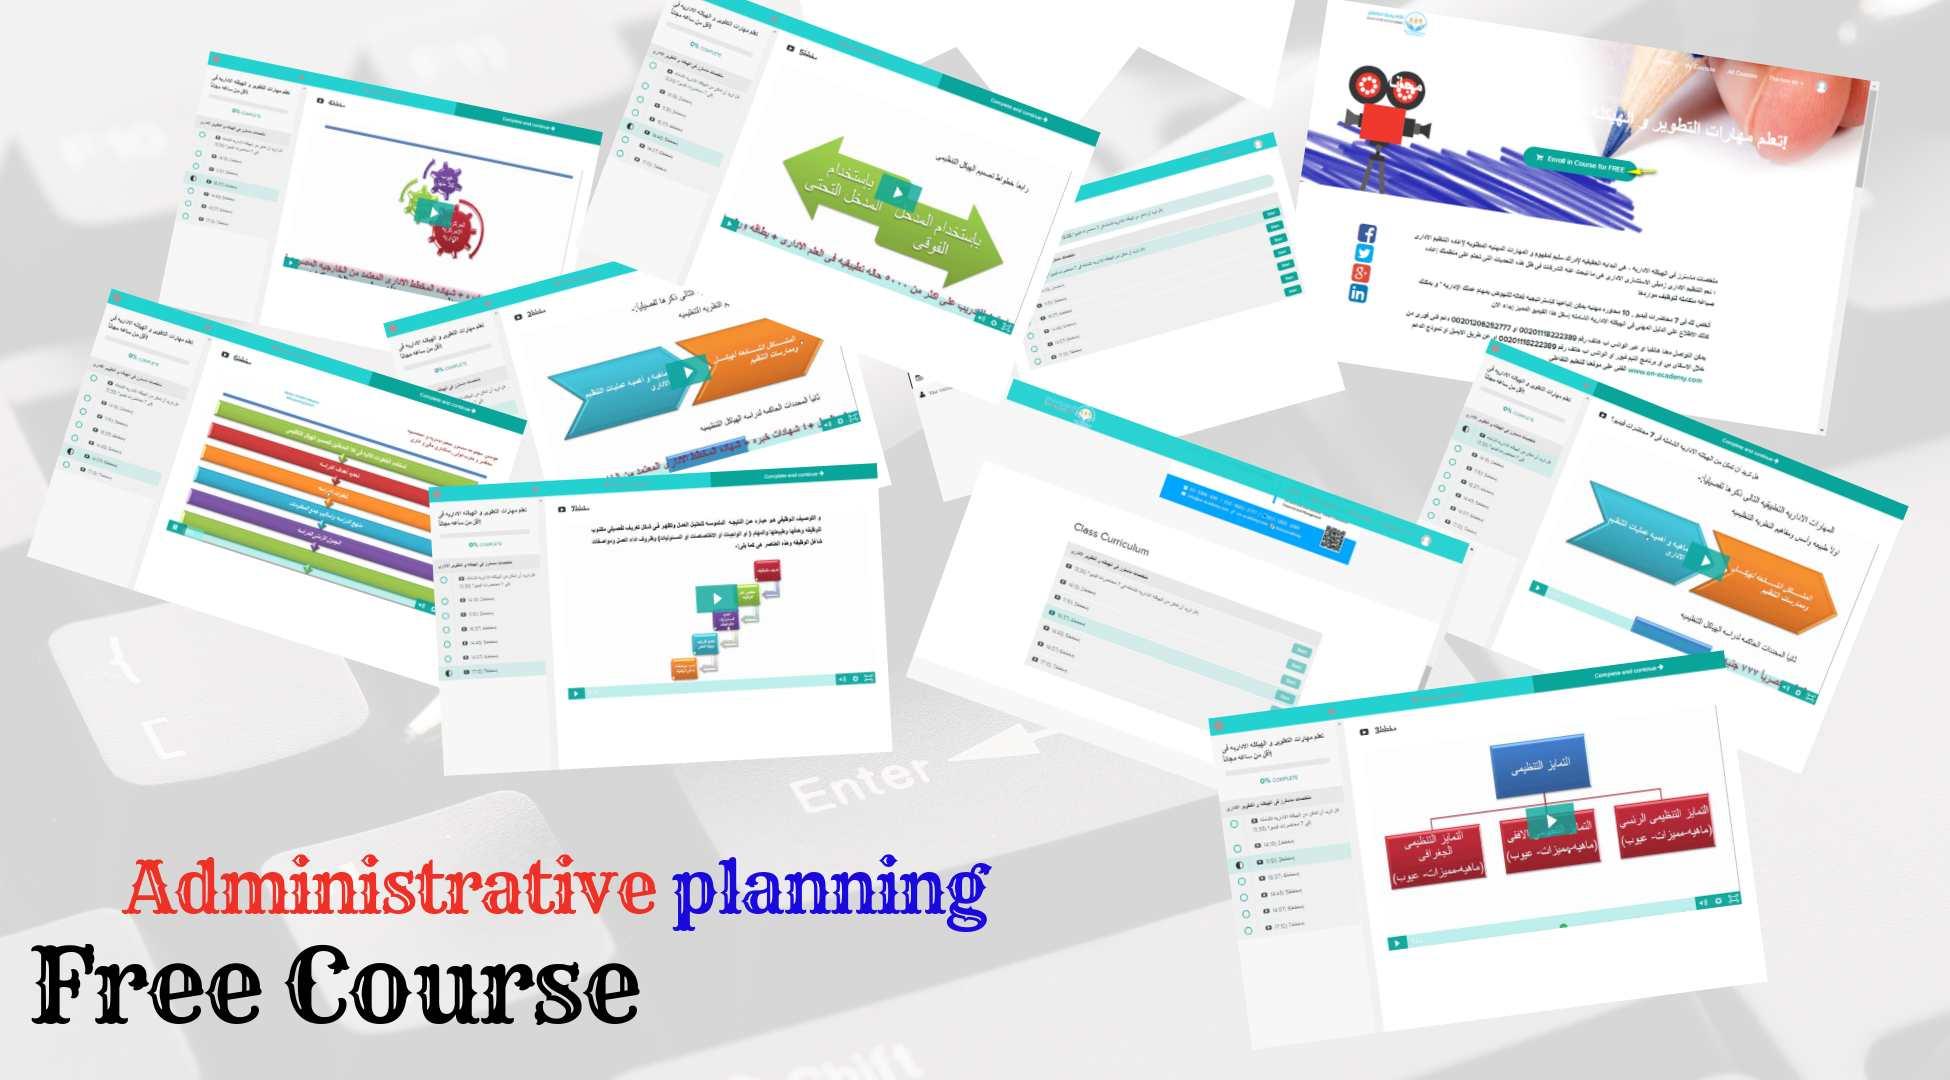 التخطيط و التطوير الإداري